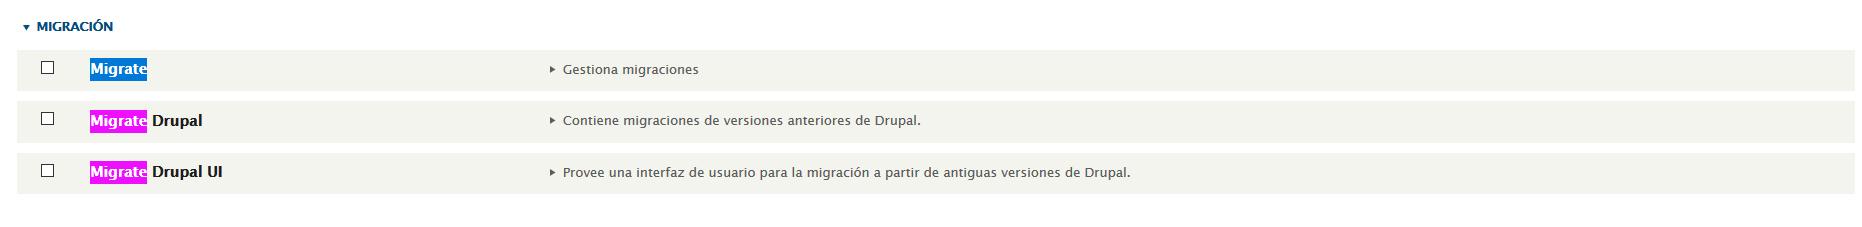 Migración drupal 7. digitalDot